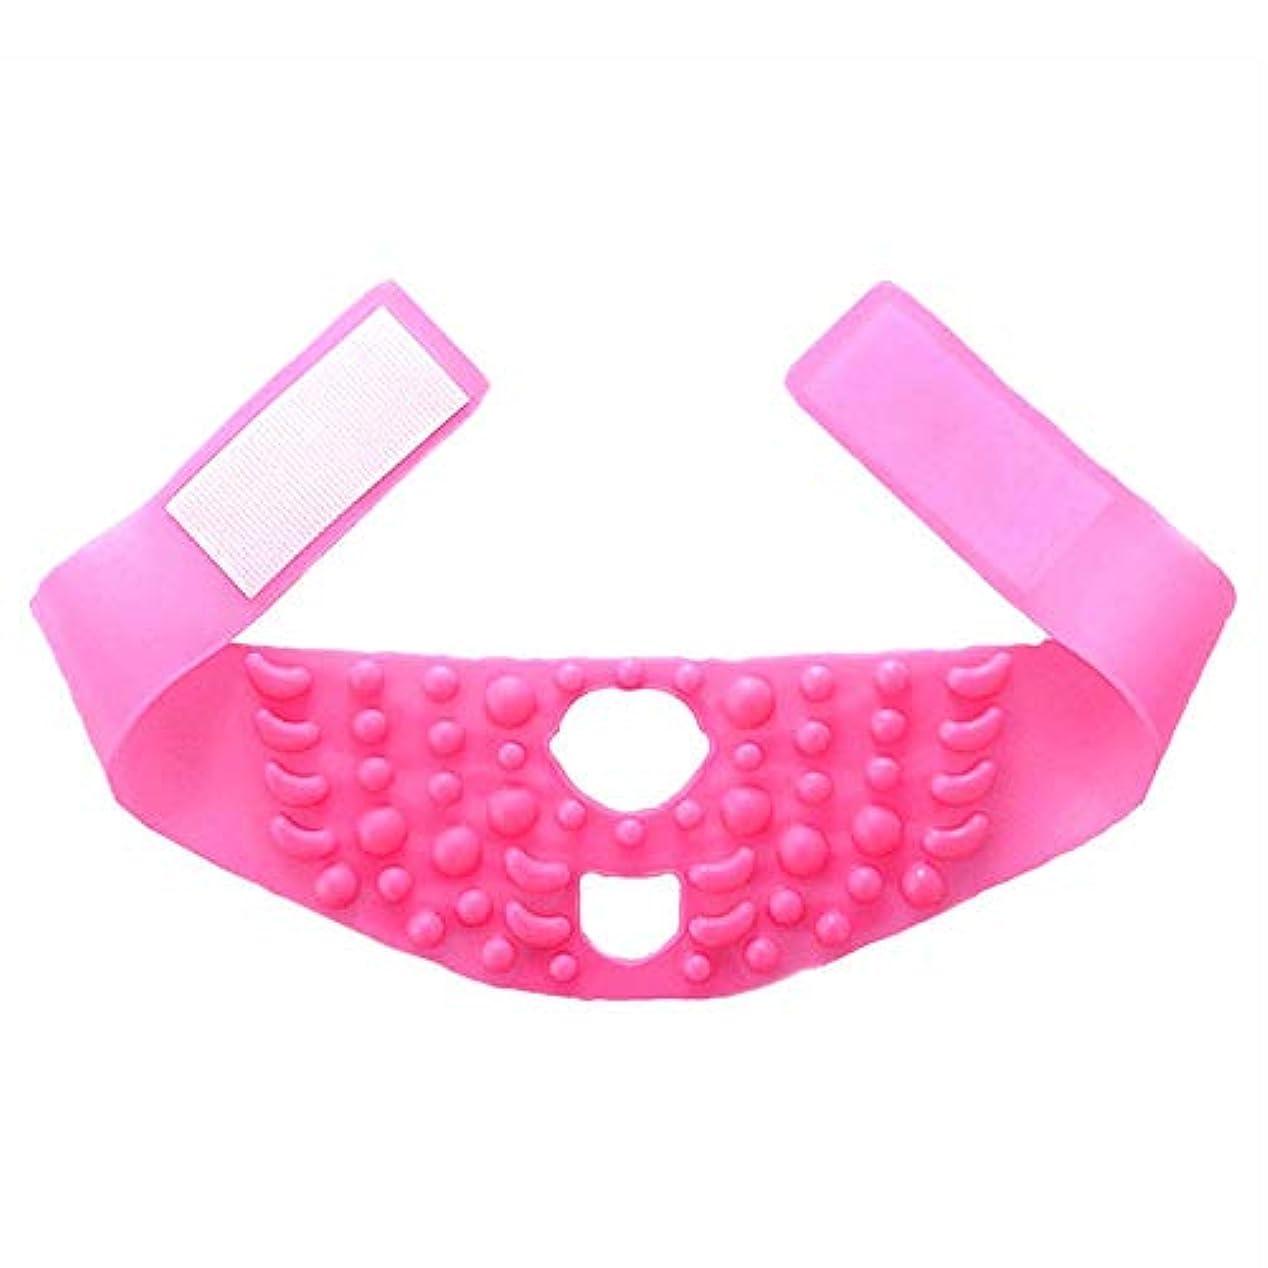 農業のトークきらきらシンフェイスマスクシリコーンマッサージ引き締まった形の小さなVフェイスリフティングに薄いフェイスアーティファクト包帯を飾る - ピンク